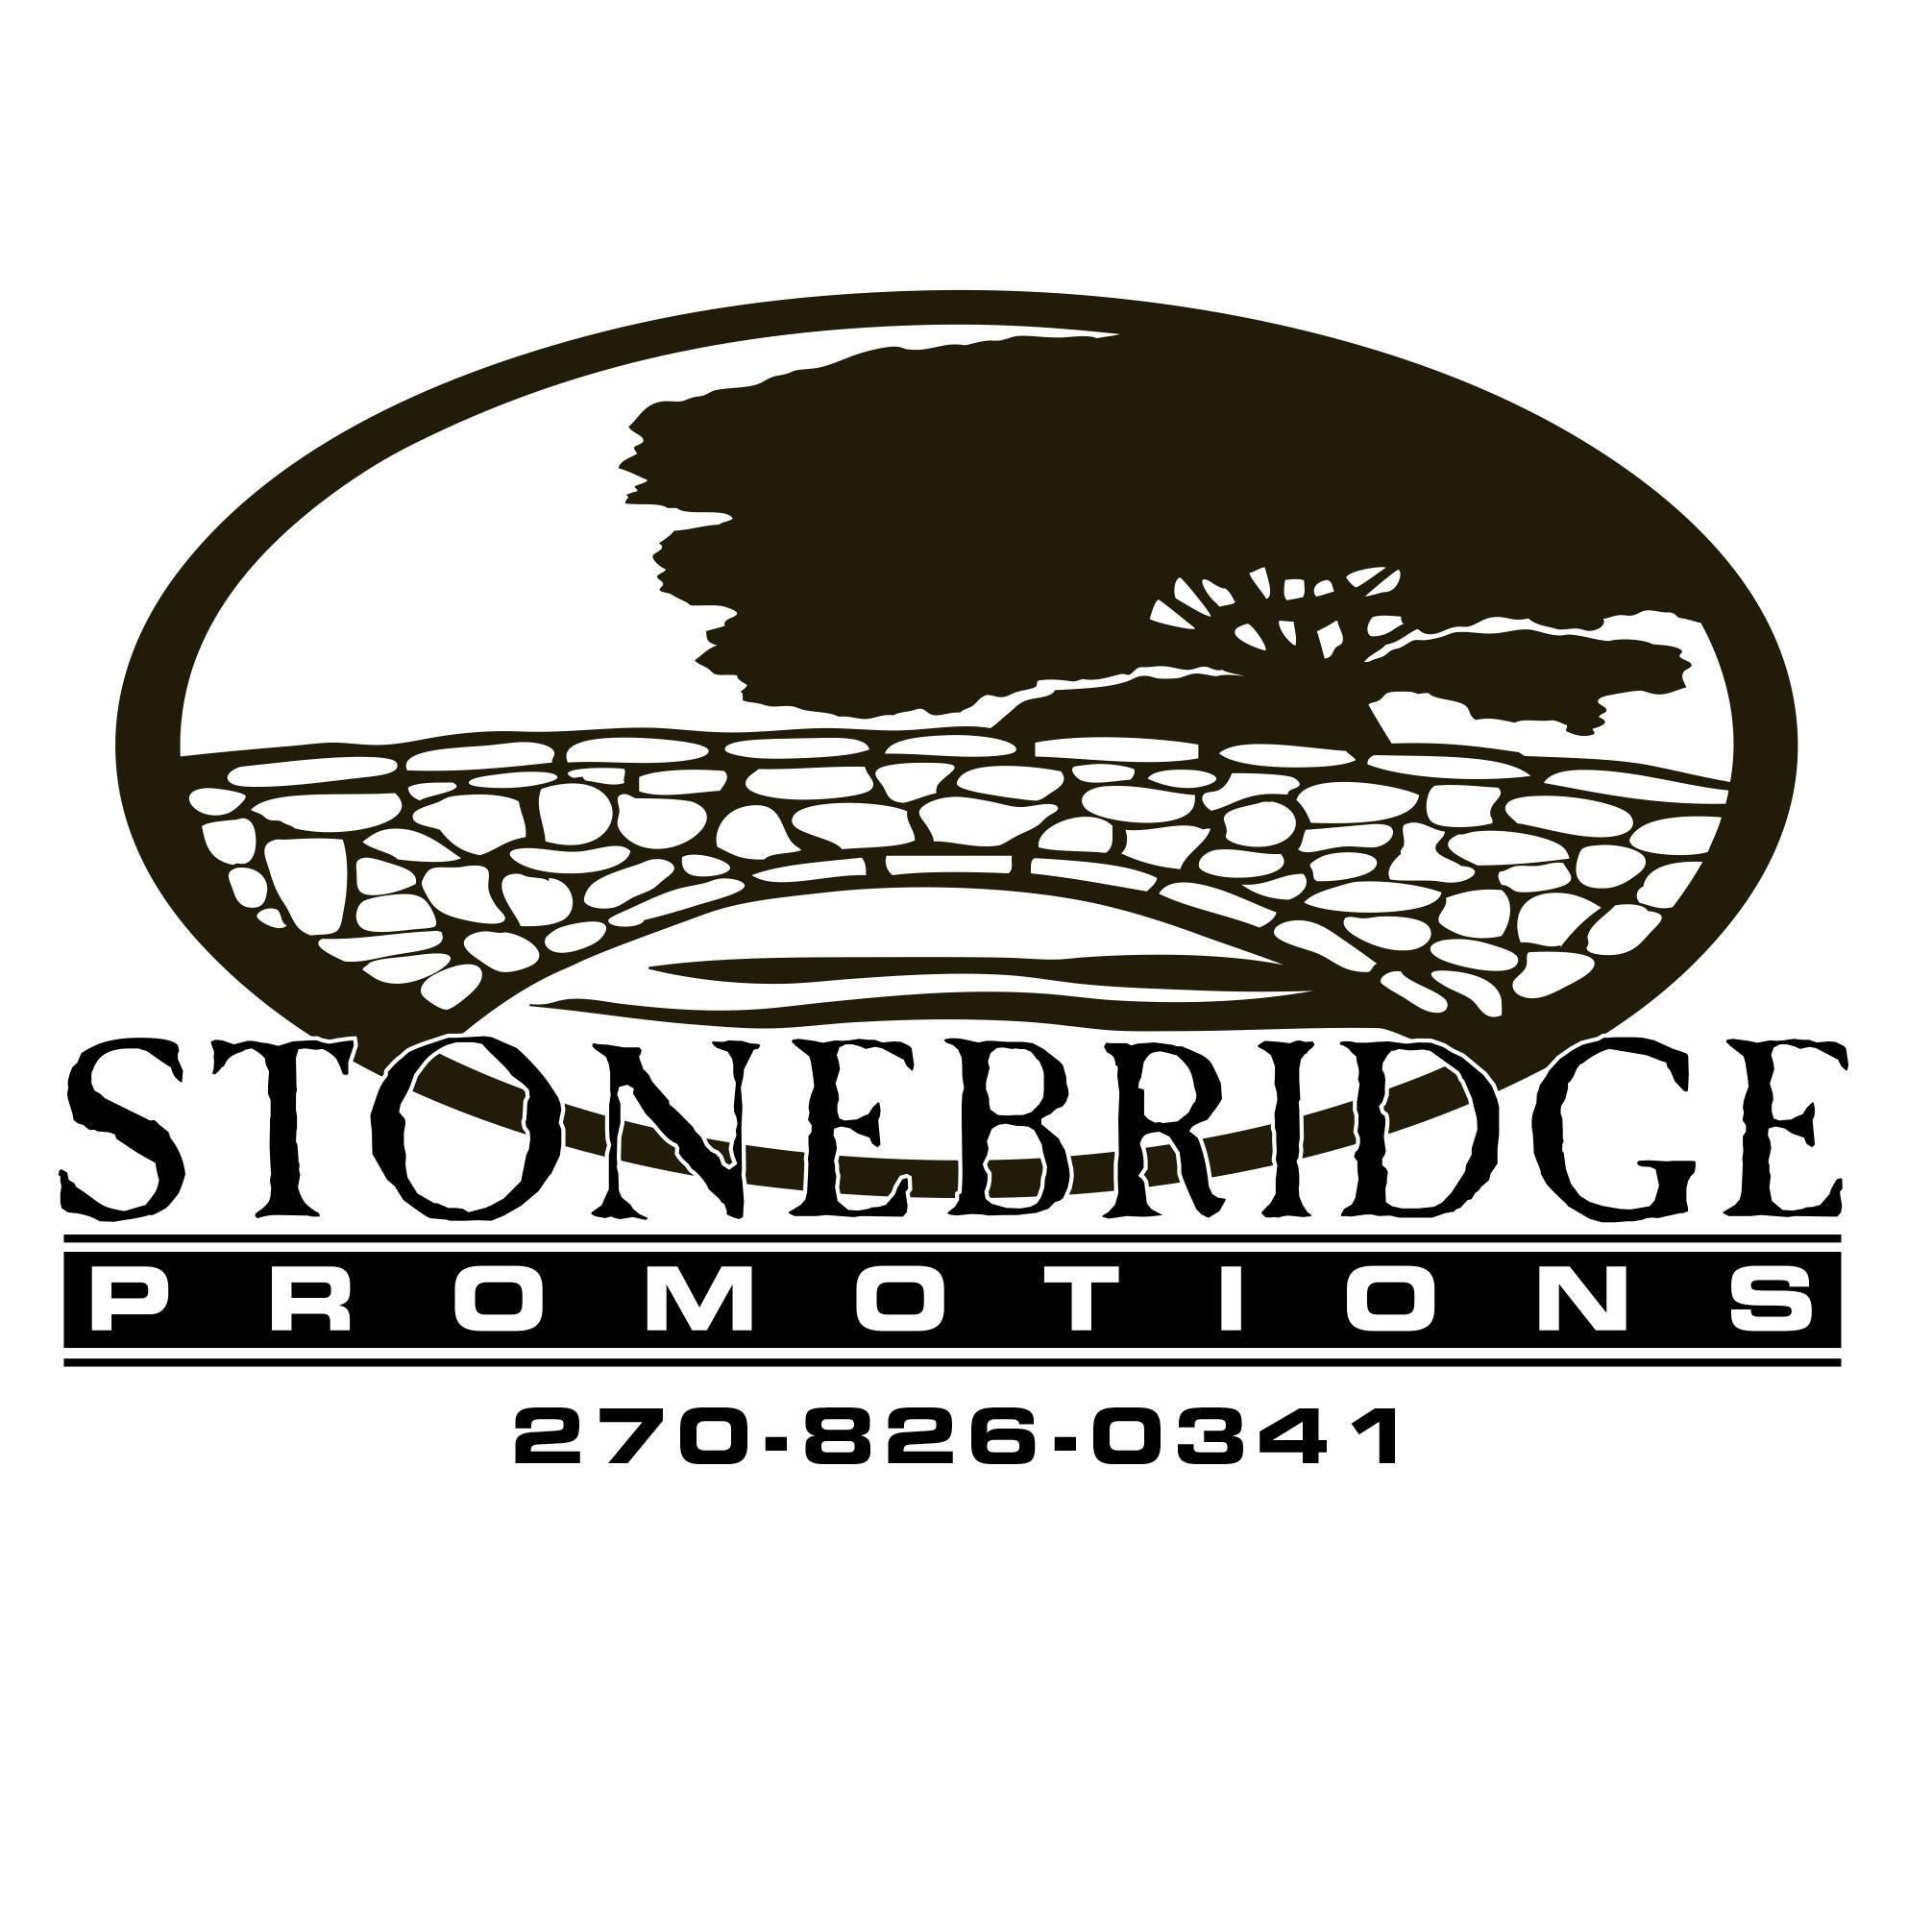 Stonebridge Promotions